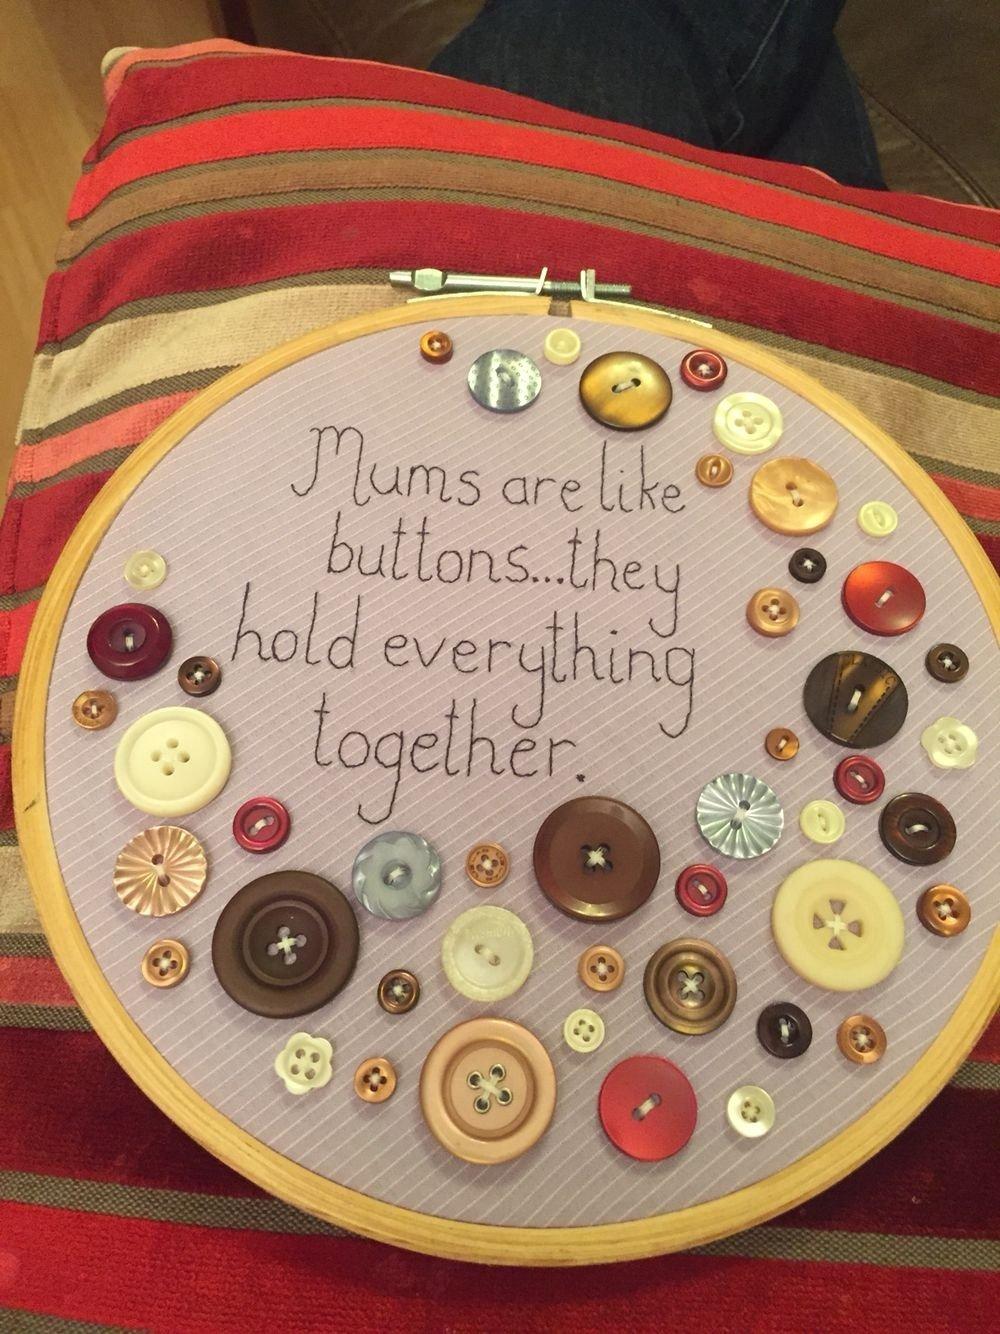 10 Wonderful Mom 60Th Birthday Gift Ideas 60th birthday present for mumhope she likes it diy ideas 2020